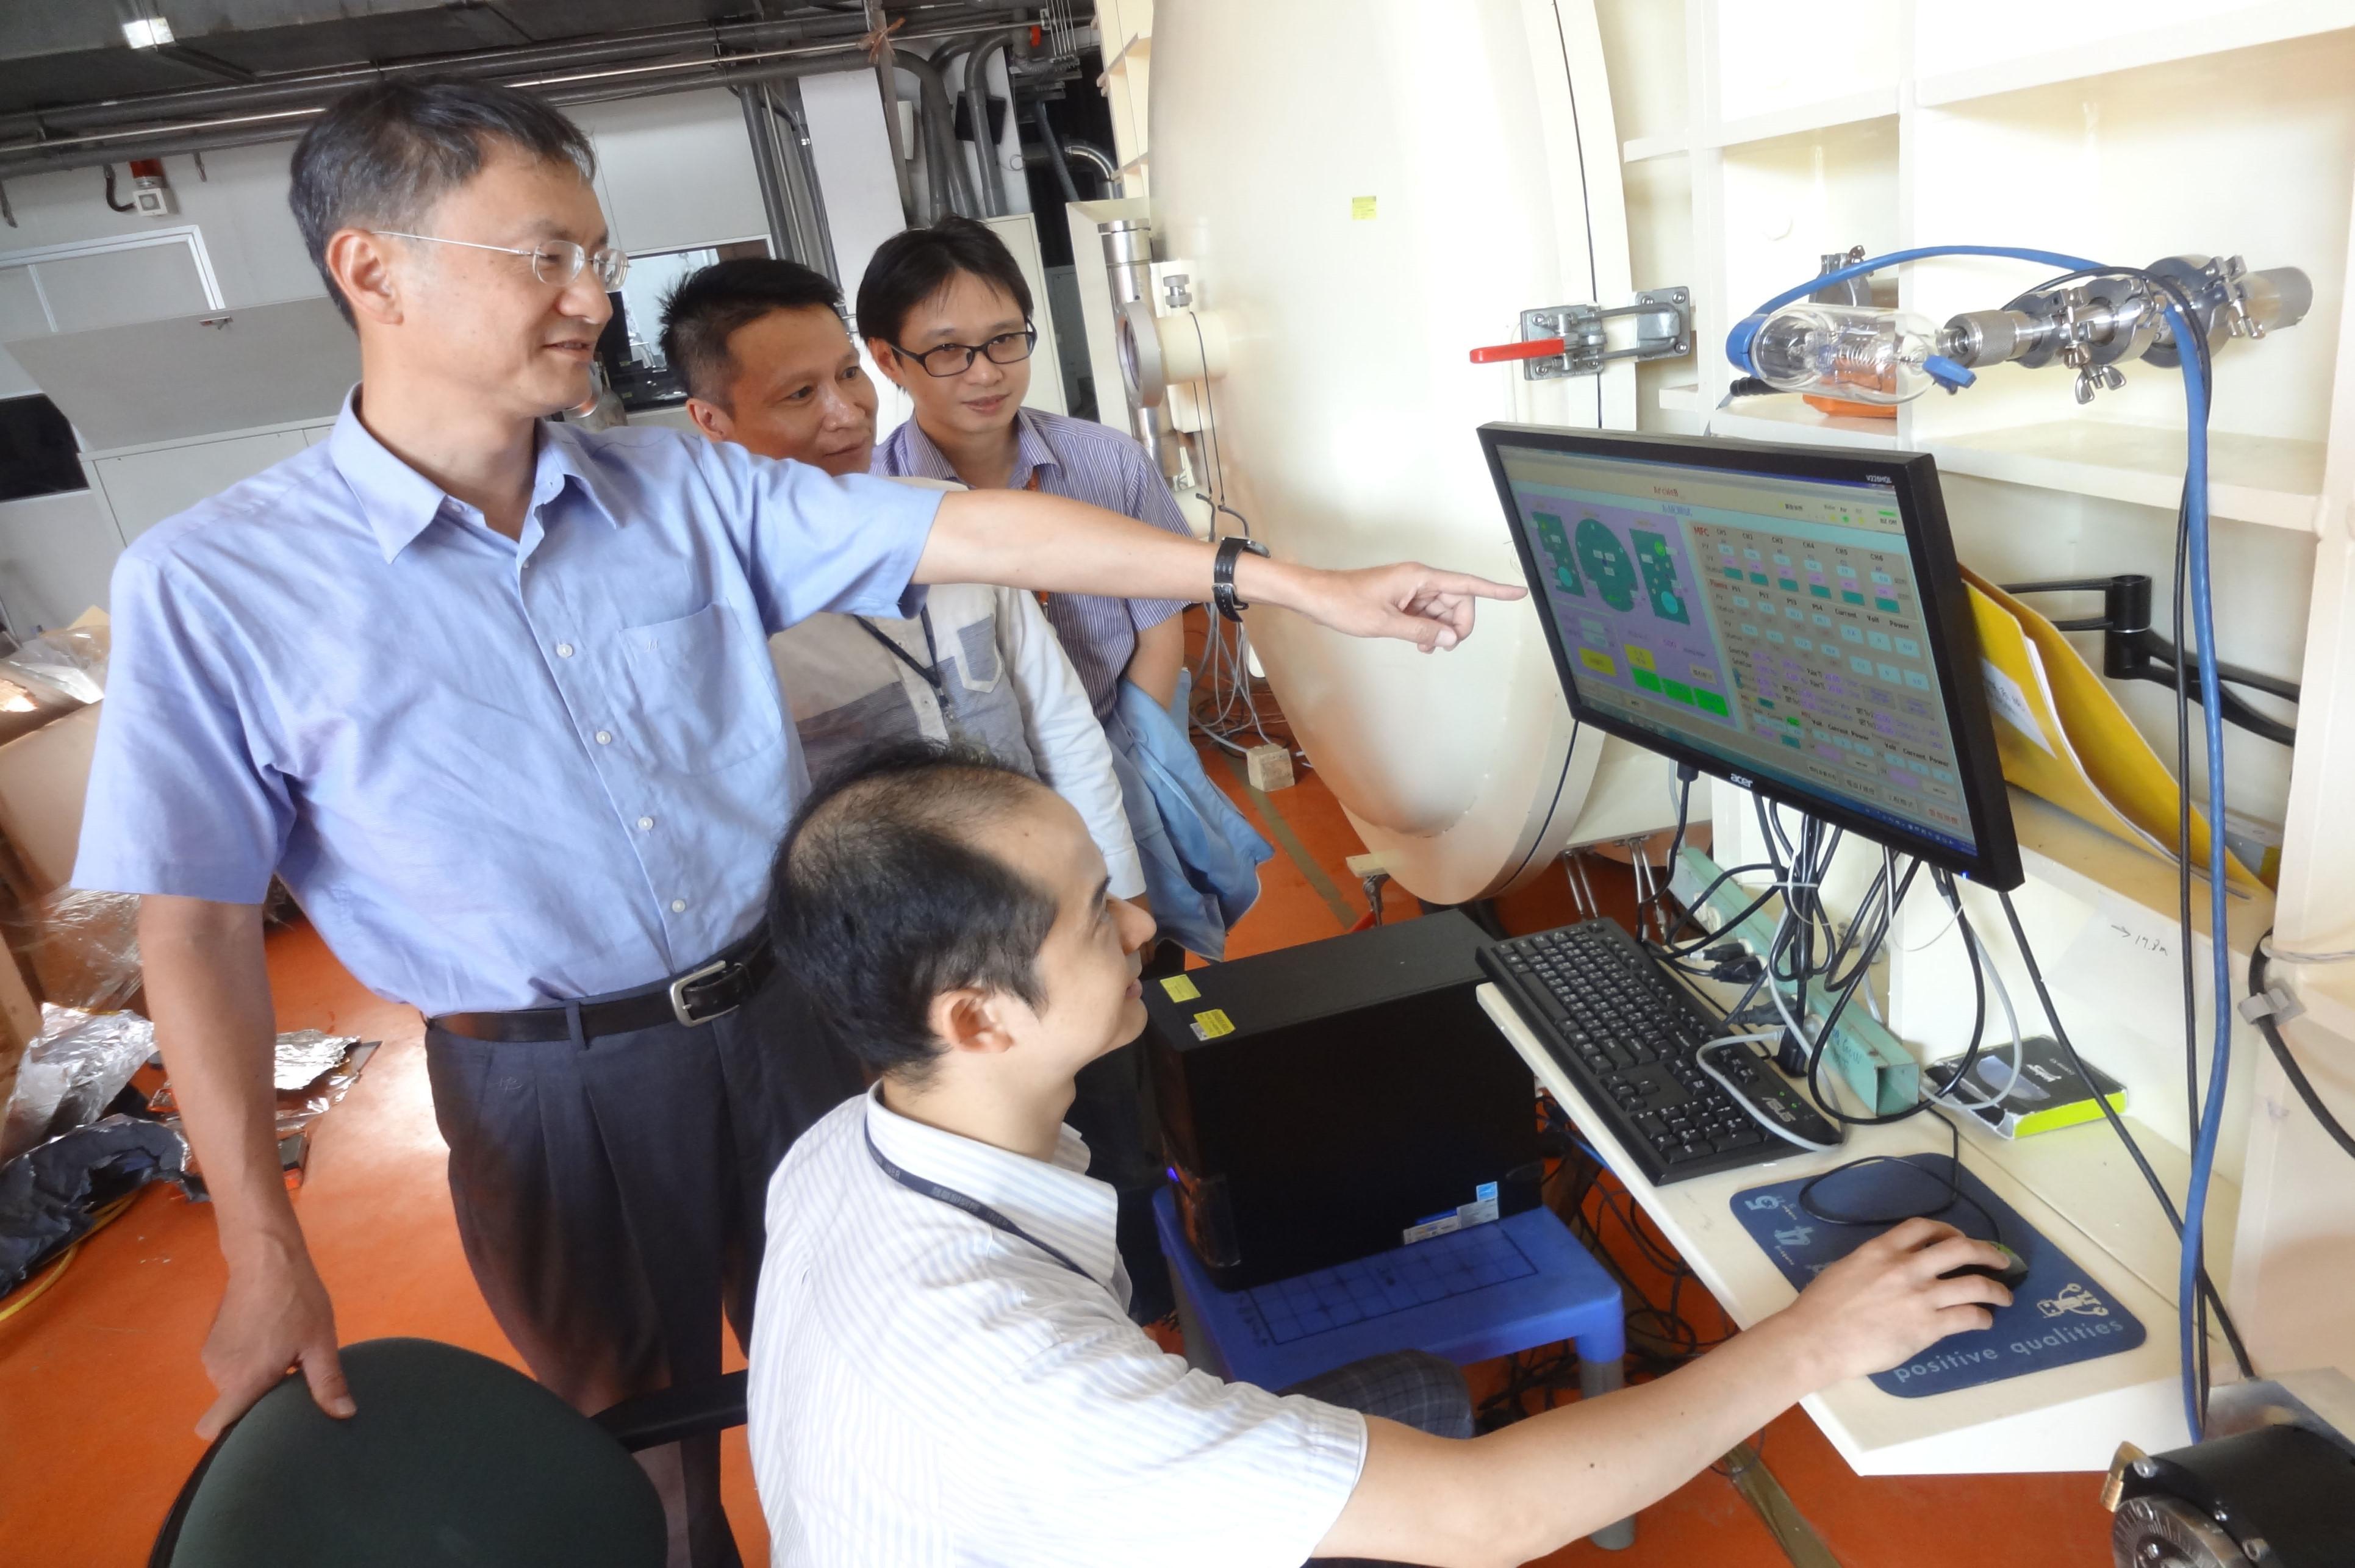 詹德均組長(左1)指導同仁進行實驗